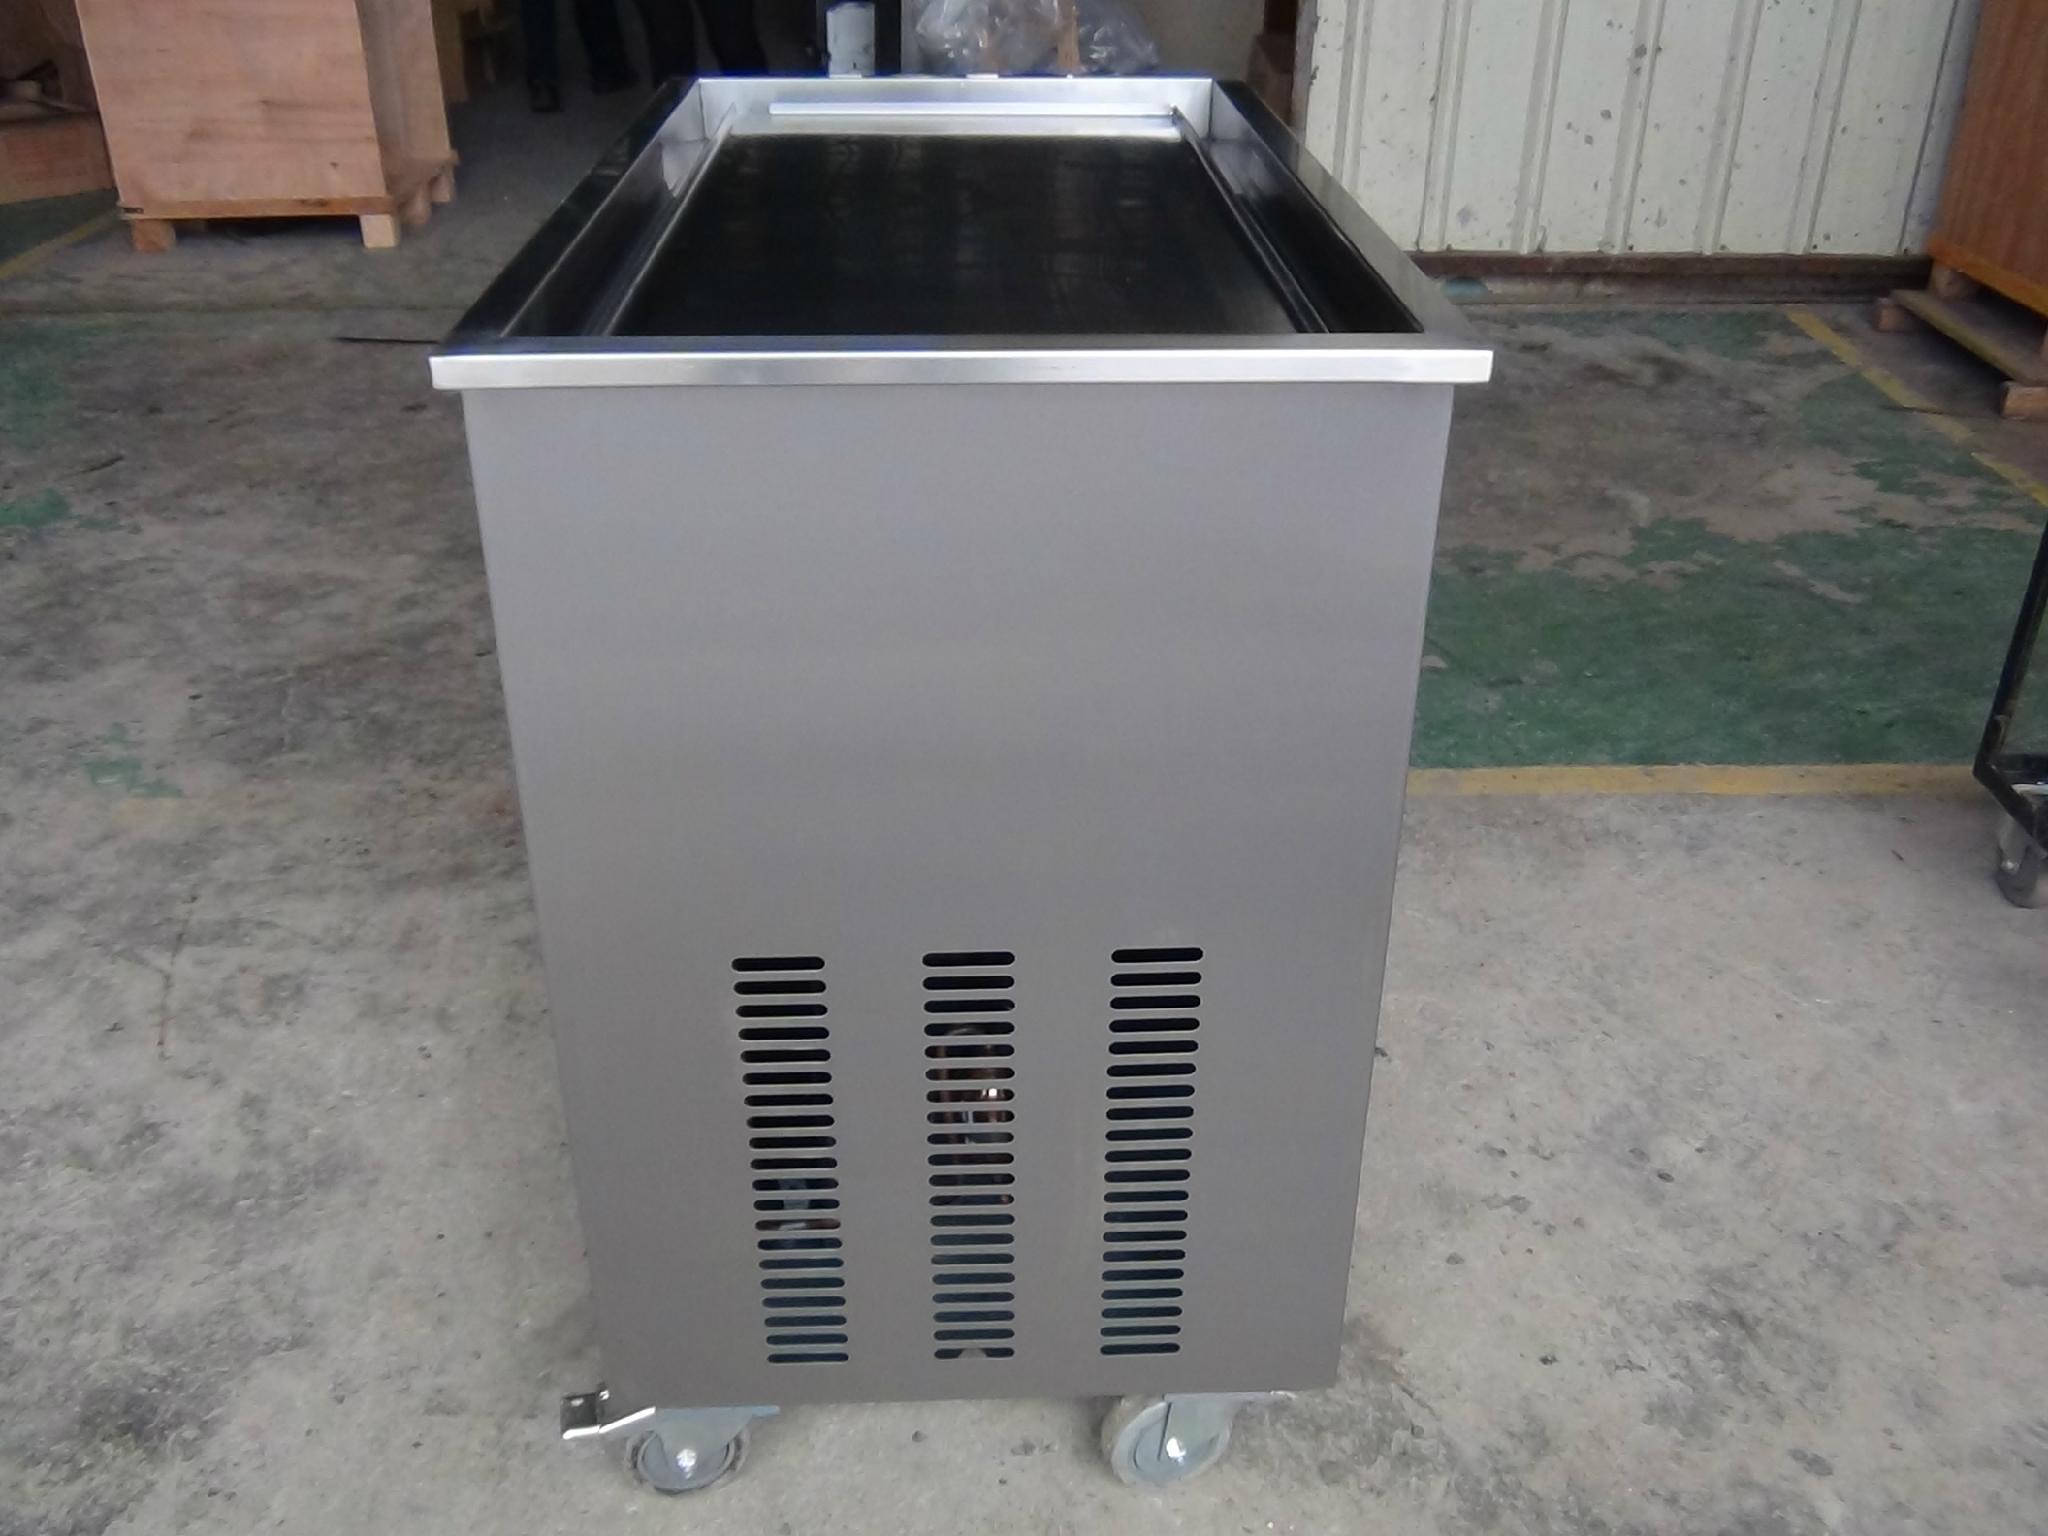 CB-100方盤炒冰機,炒冰機什麼牌子好 5